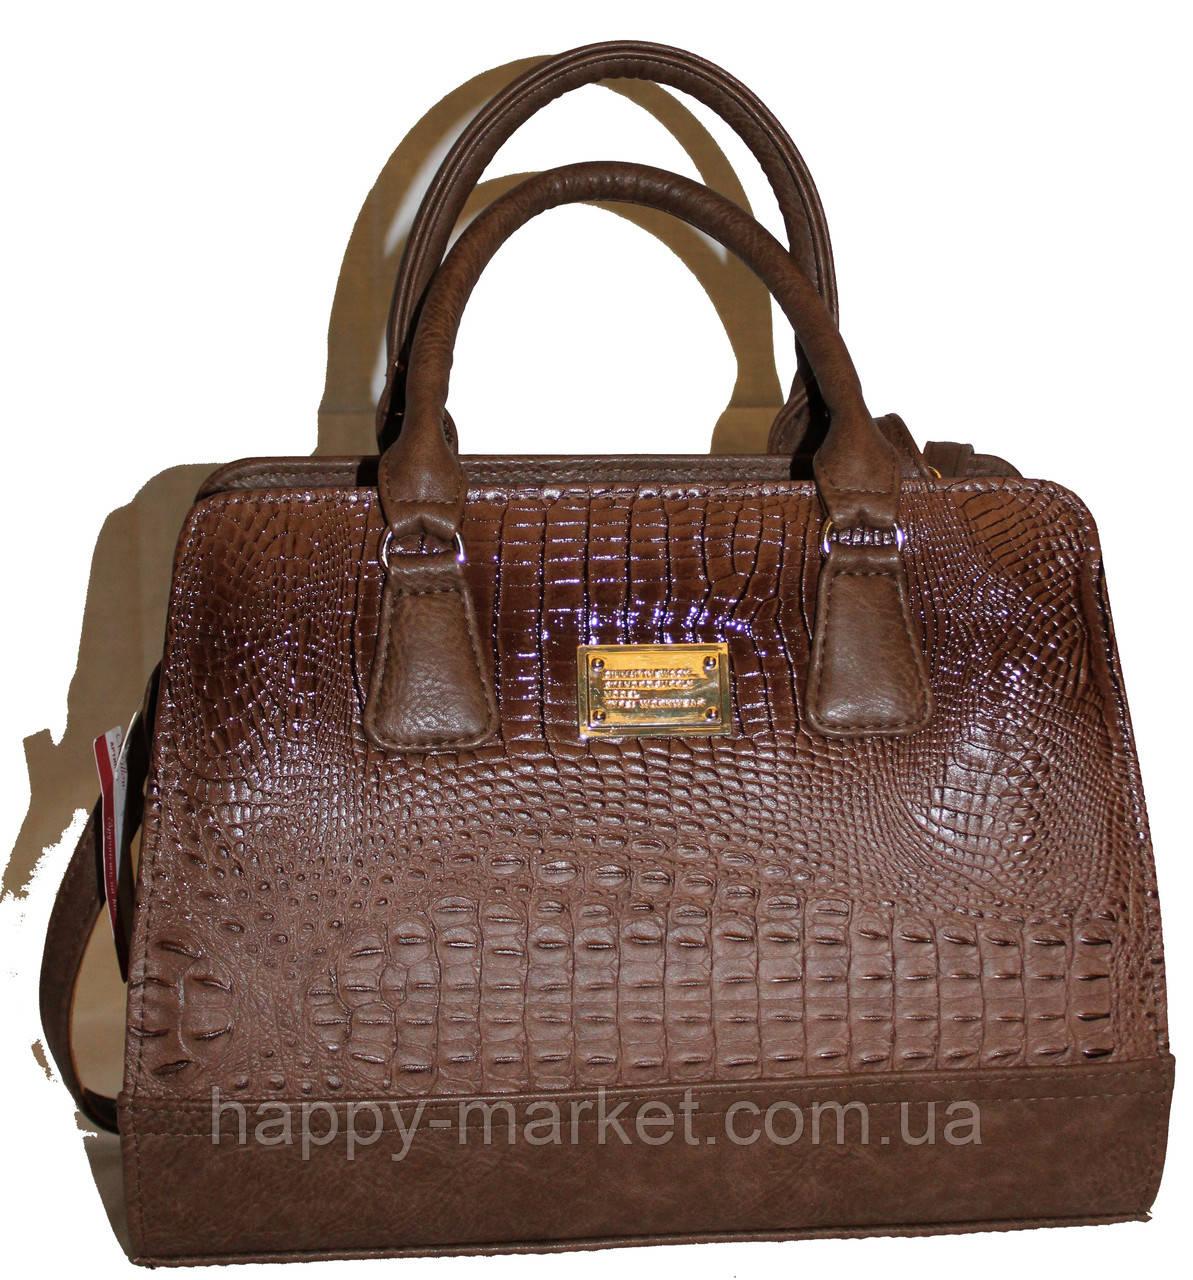 Сумка женская классическая каркасная Fashion  553001-1